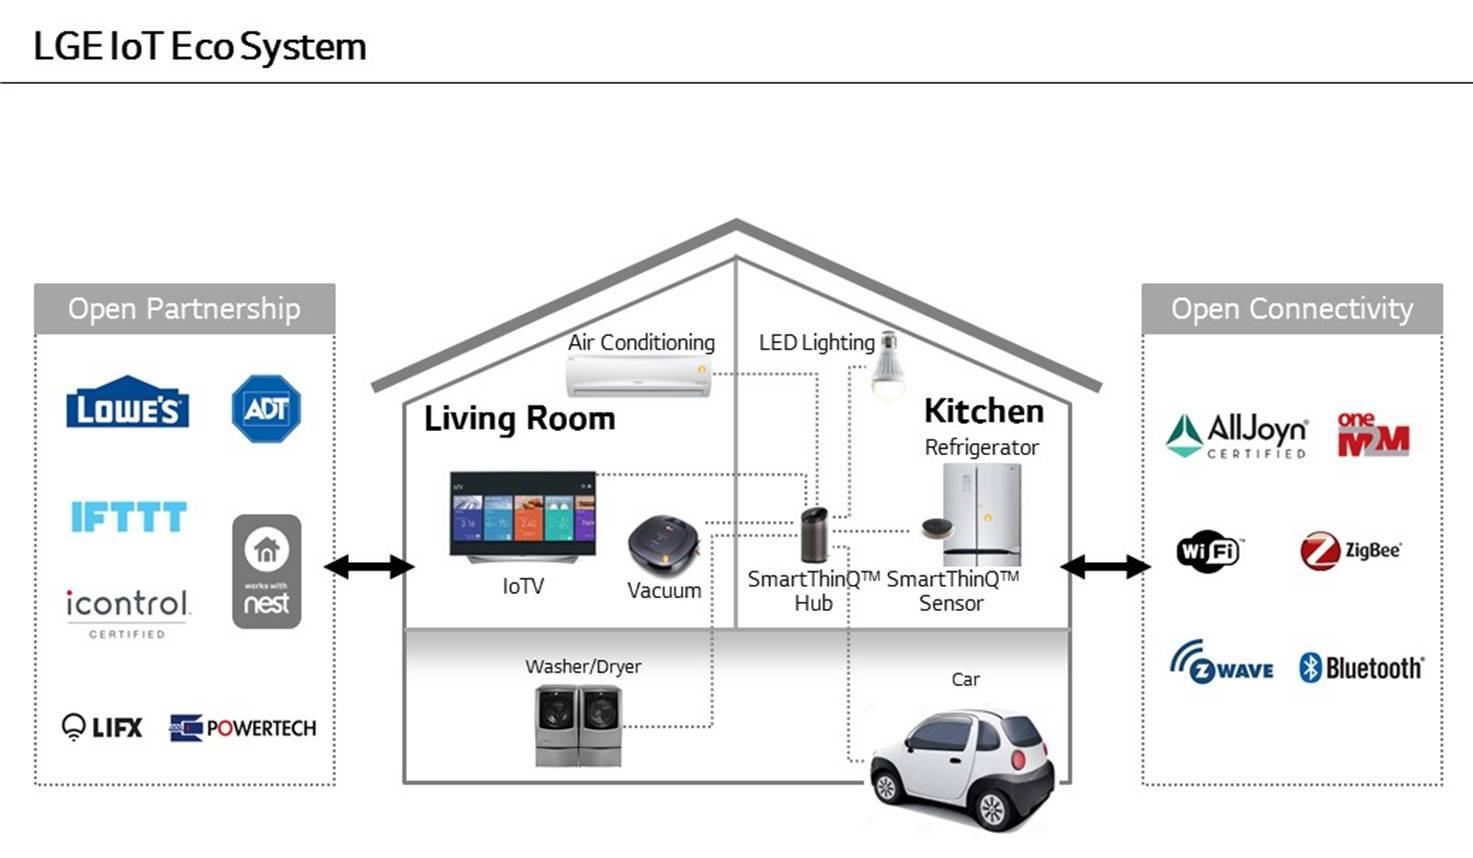 Internet Rzeczy w domu na przekroju graficznym (czyli IoT - Internet of Things) wg LG, czyli system SmartThinQ - fot. LG